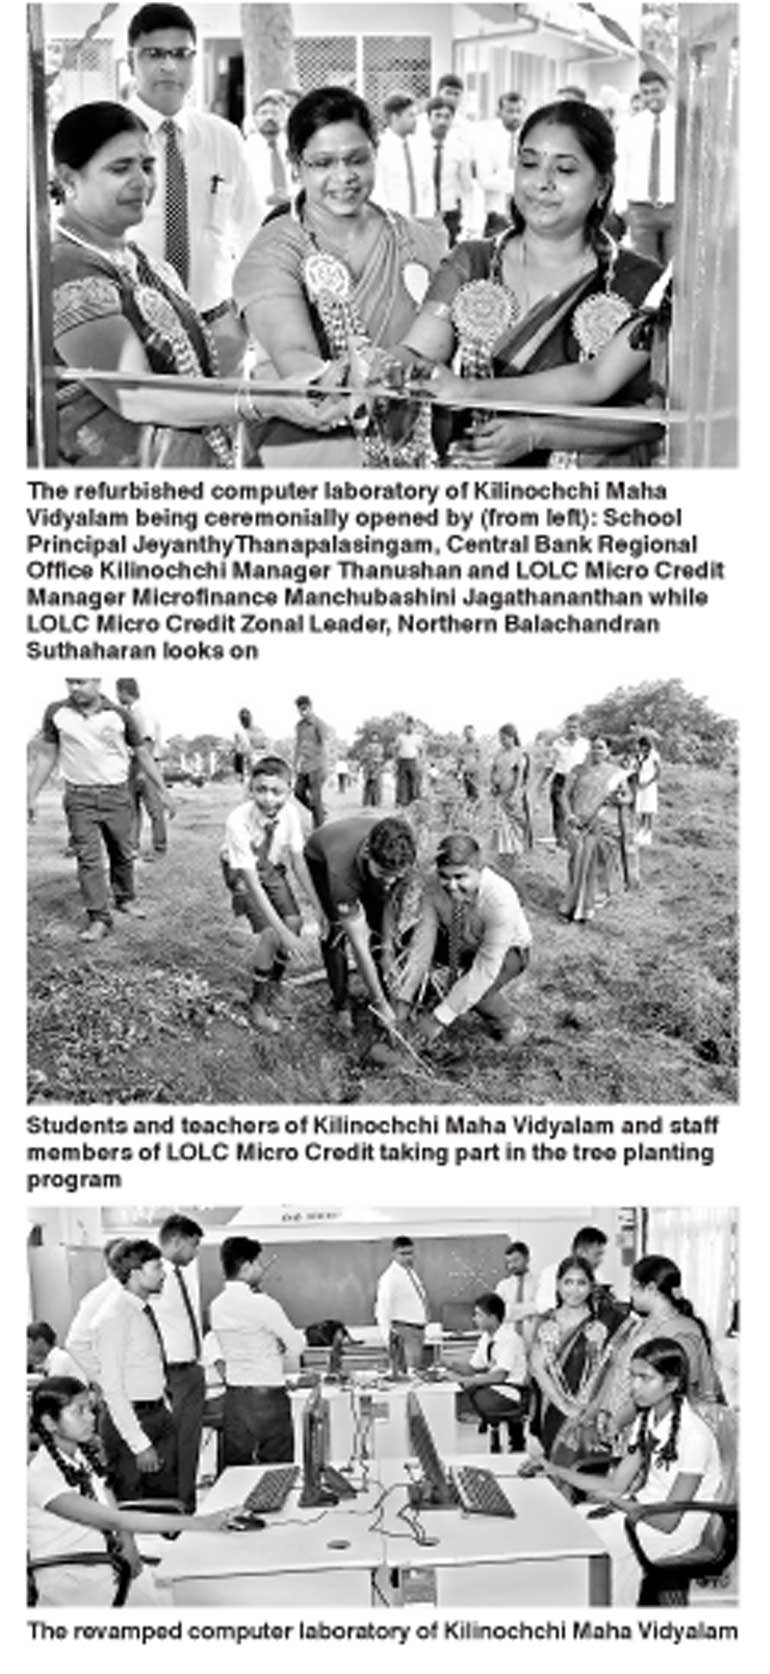 bbw needs company now in kilinochchi